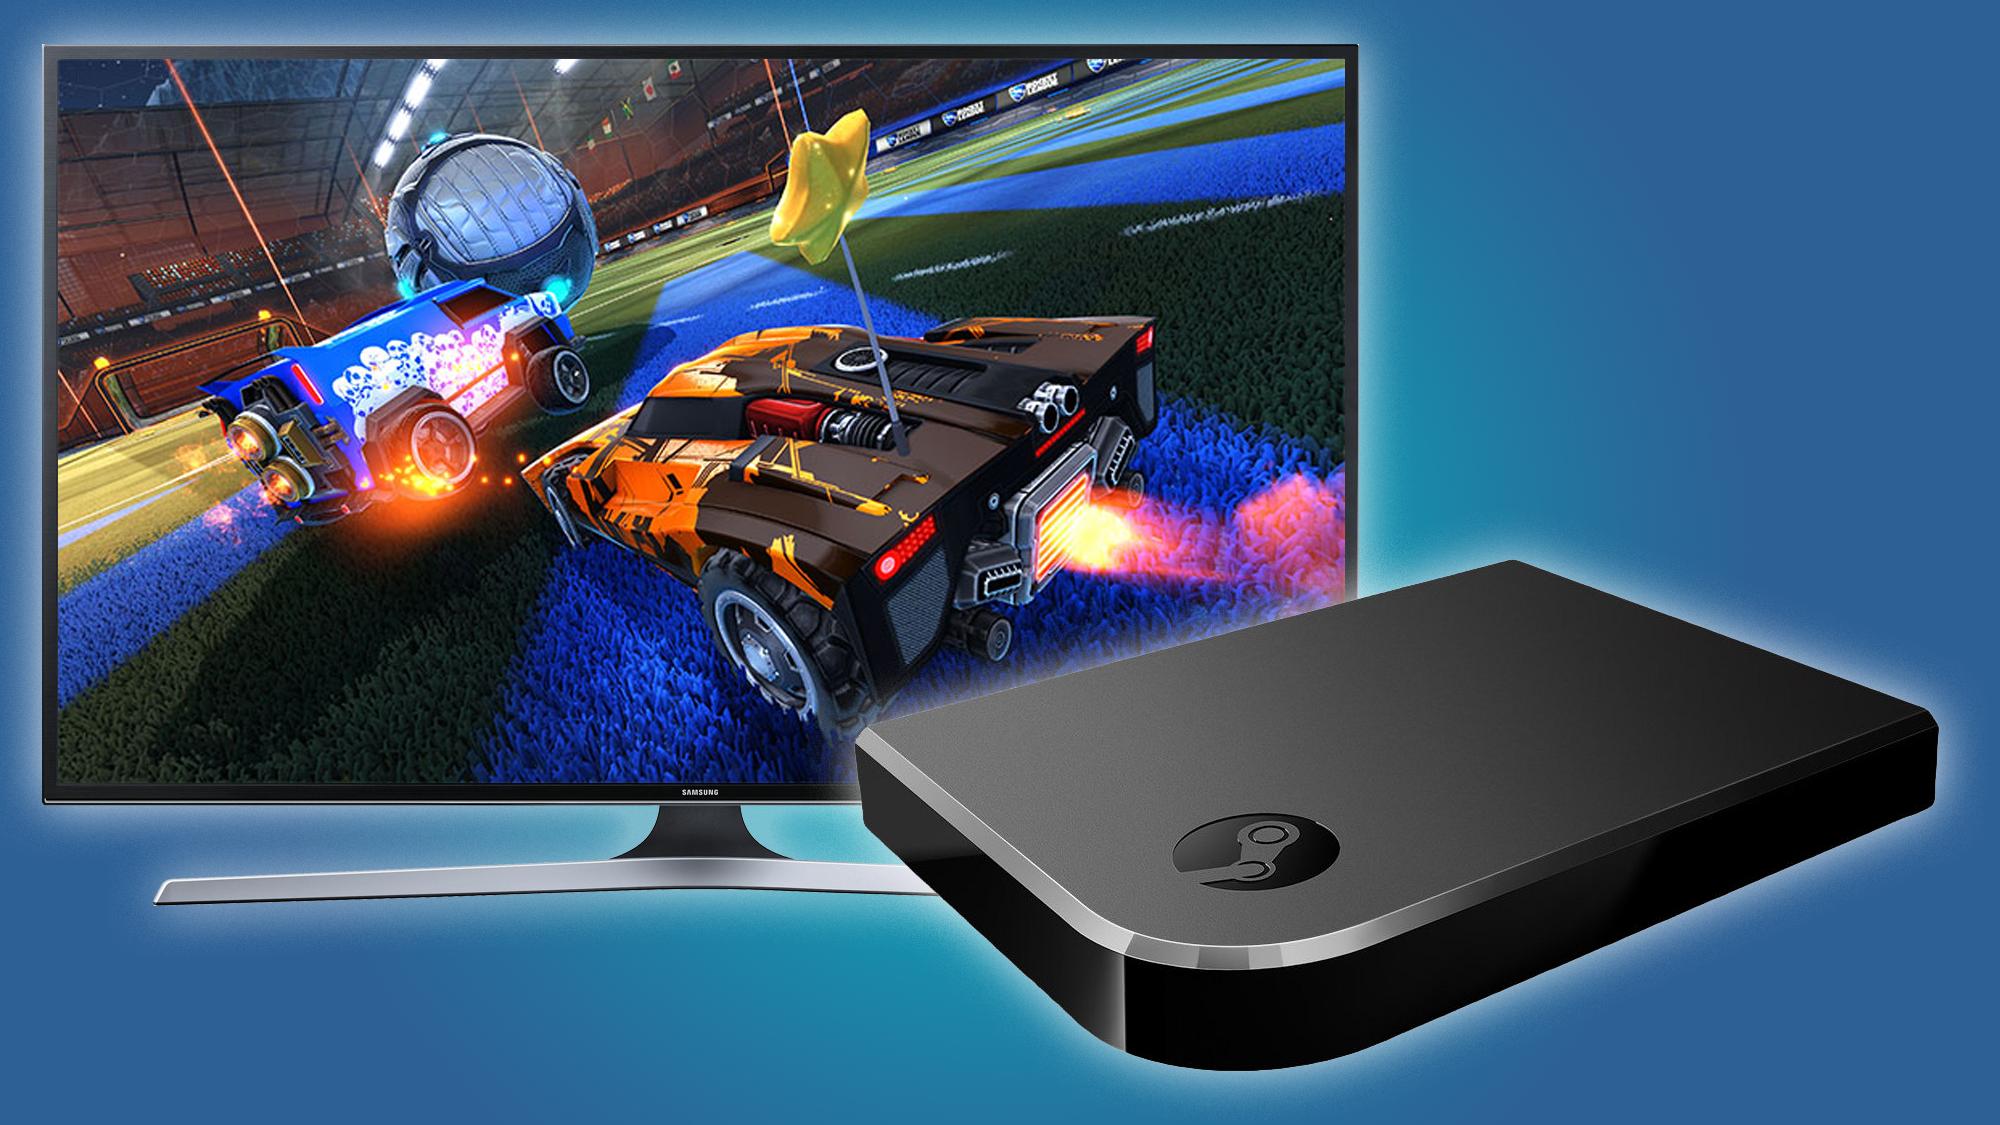 Der Steam Link ist der beste Wohnzimmer Begleiter für PC-Spieler